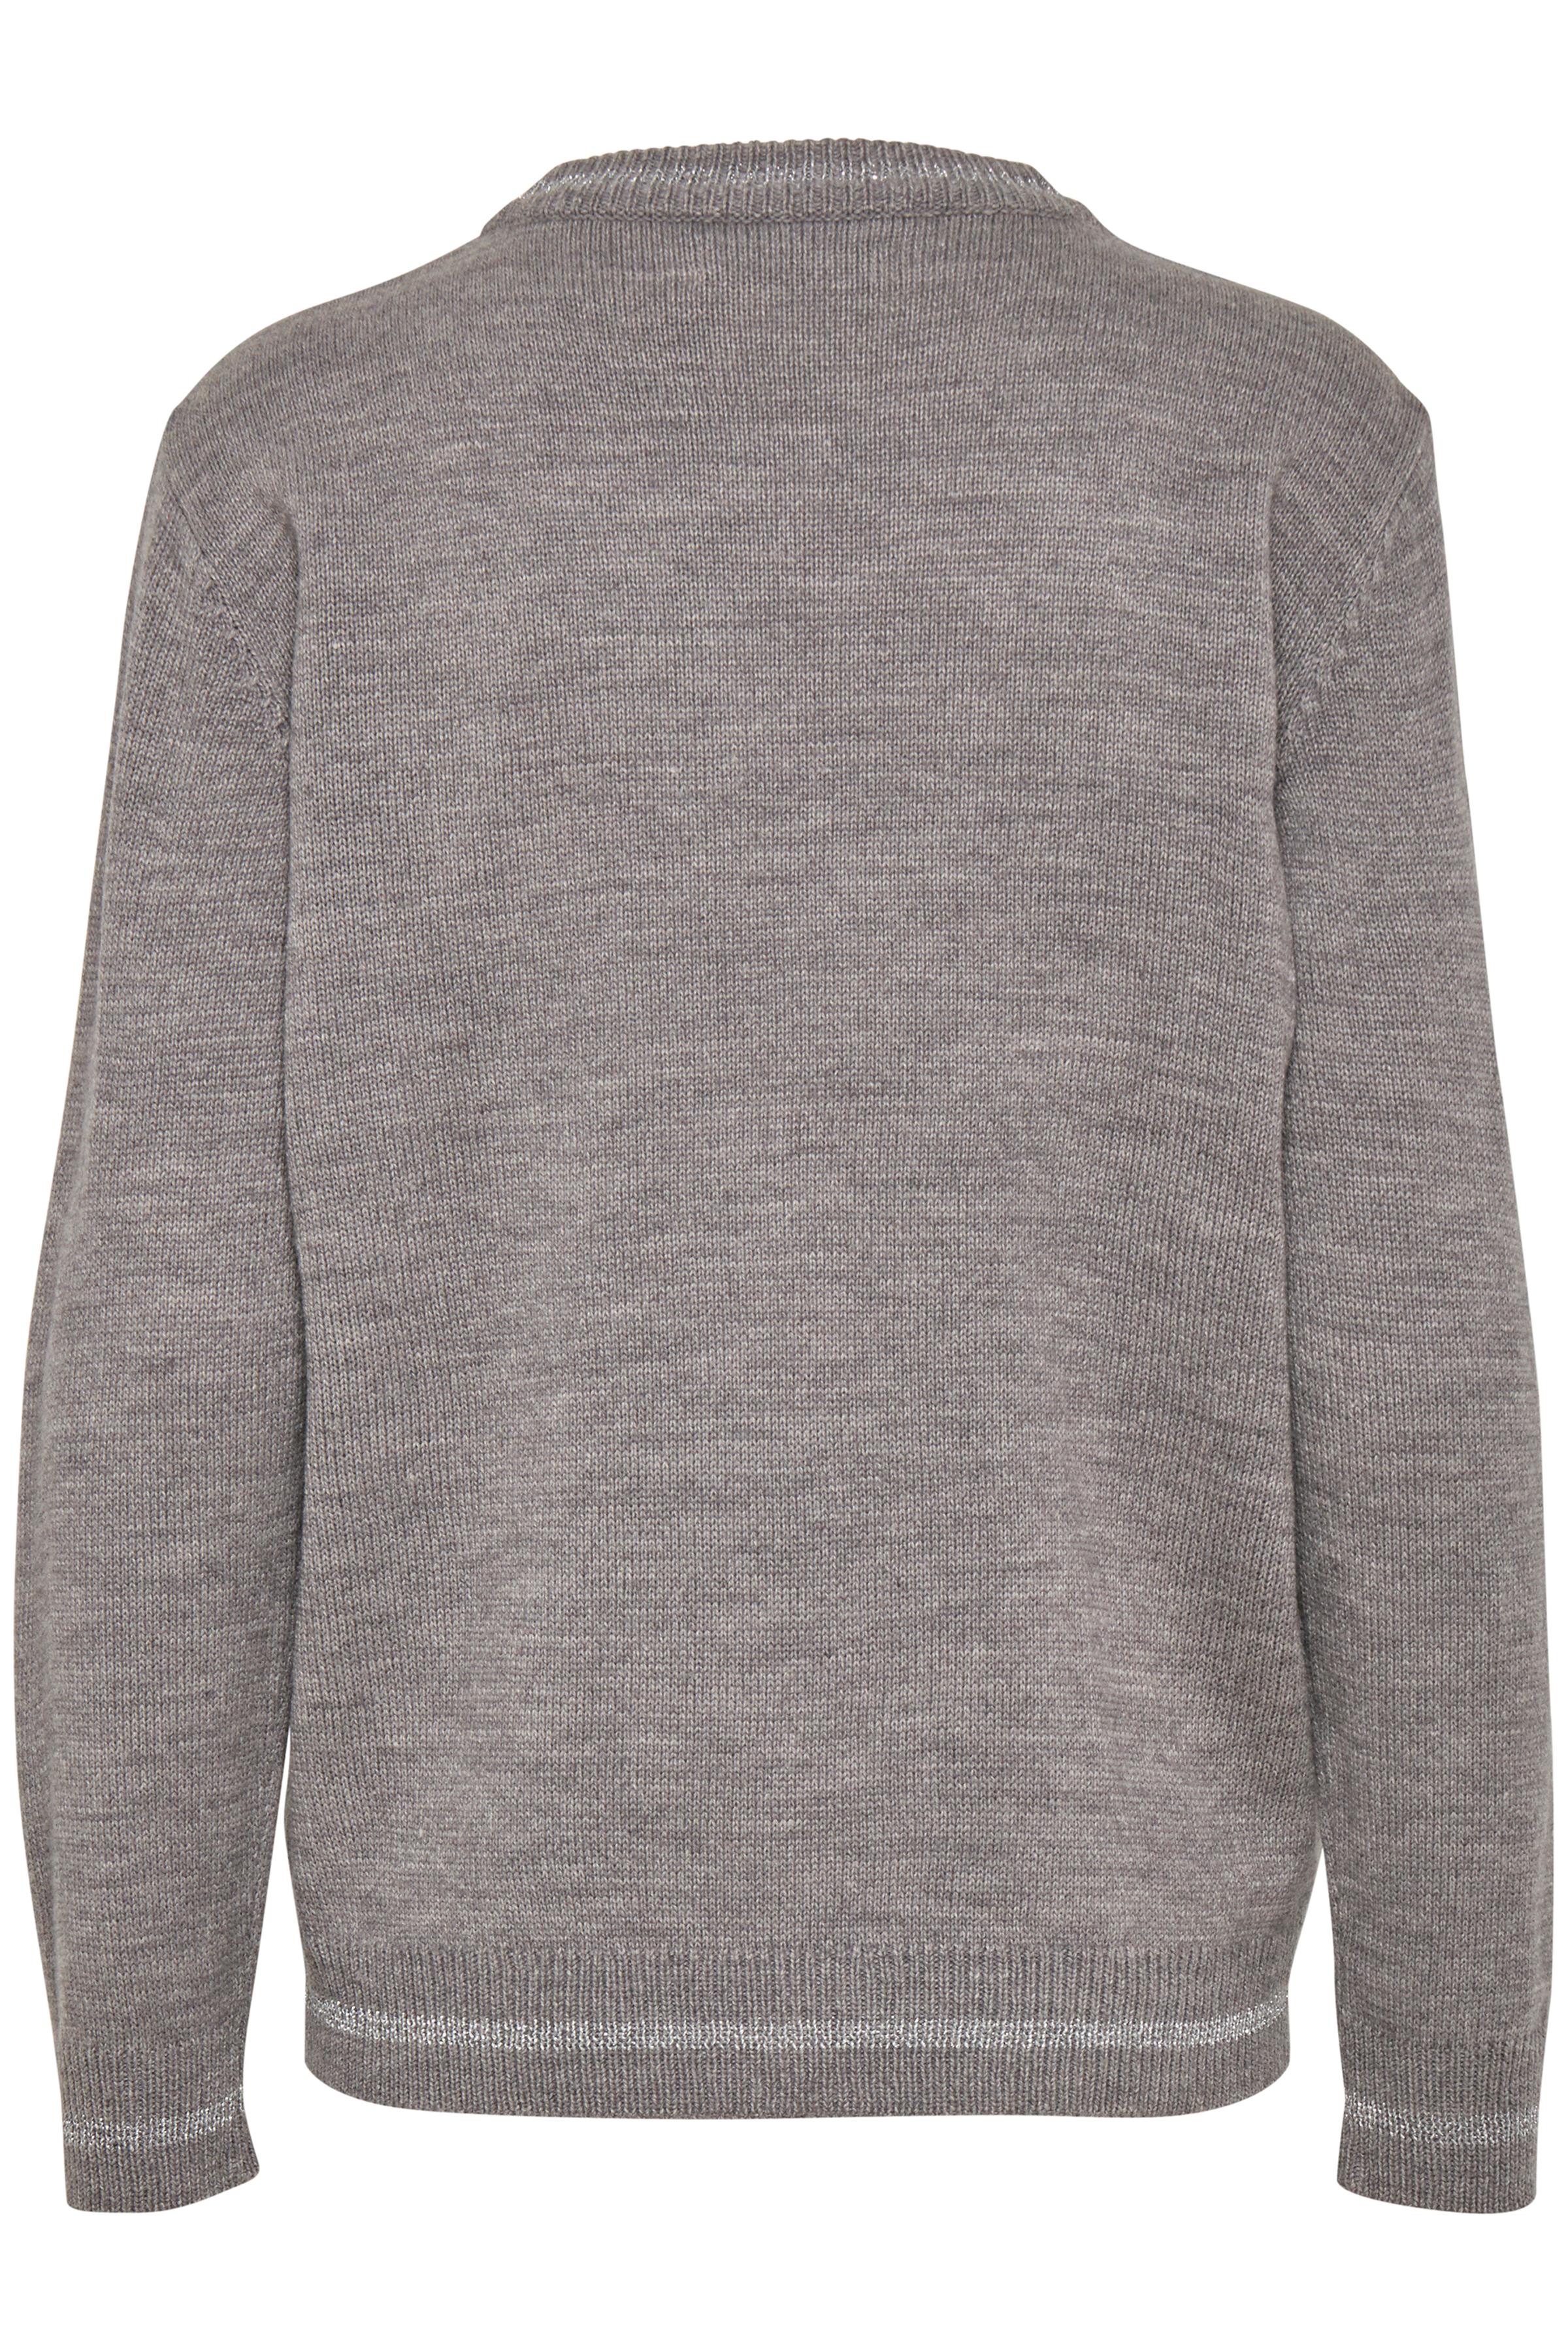 Med. Grey Mel. Combi 2 Pullover van b.young – Koop Med. Grey Mel. Combi 2 Pullover hier van size XS-XXL